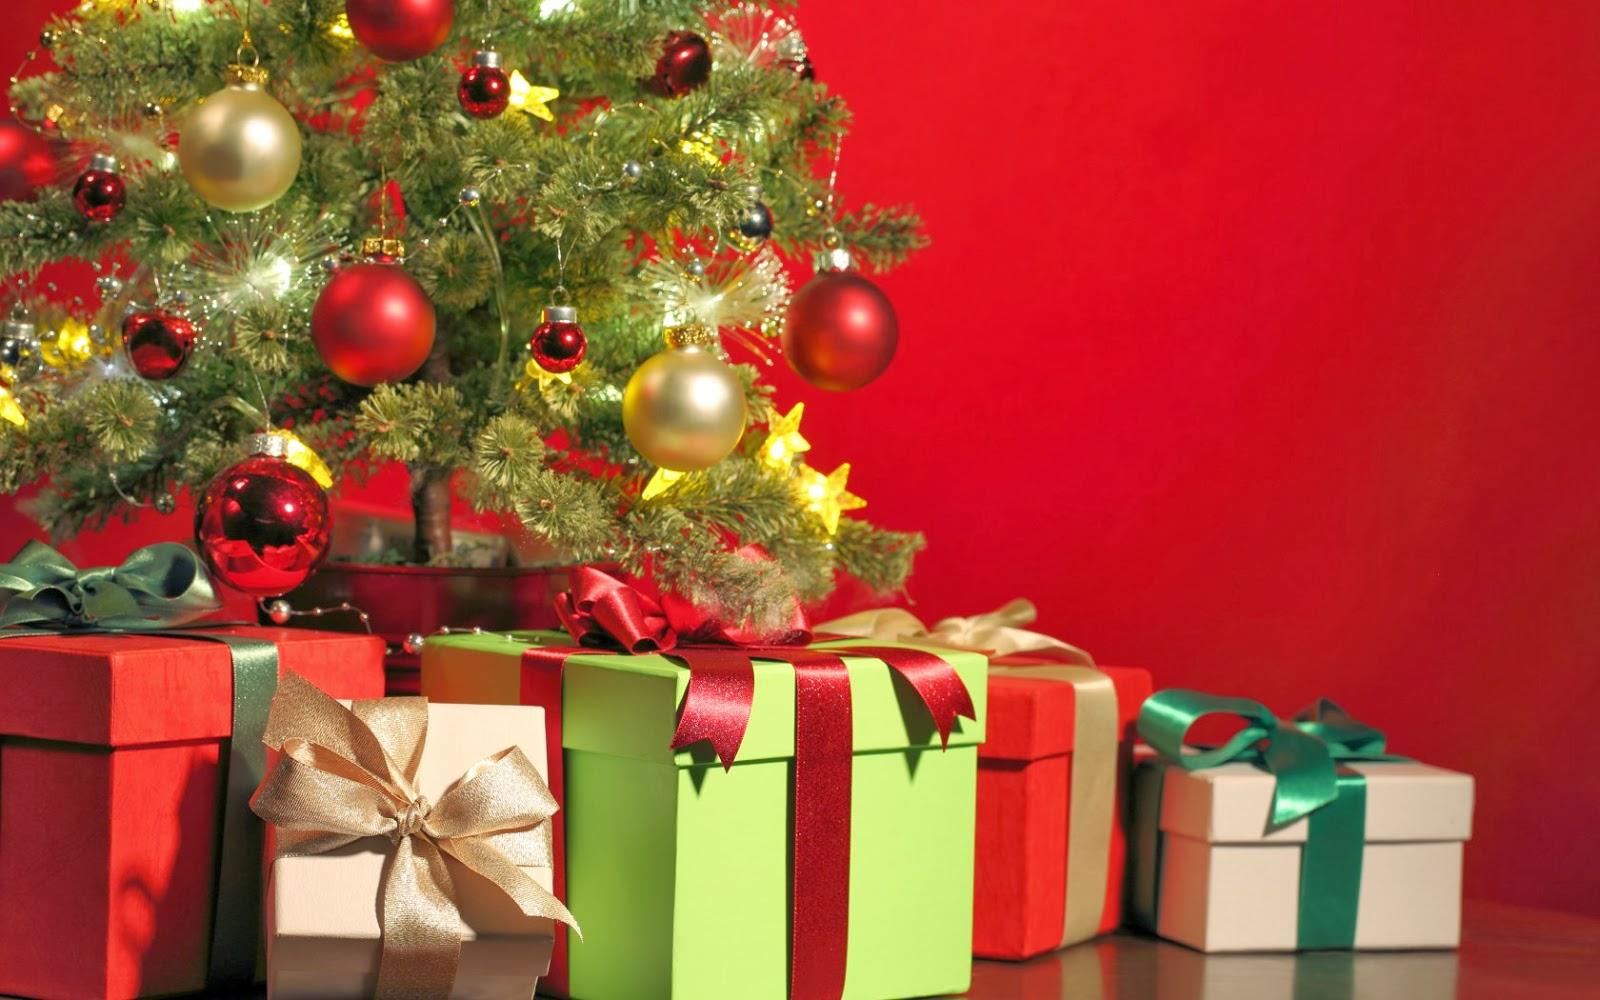 8 món quà giáng sinh tặng bạn trai đơn giản mà ý nghĩa 2021 | SusuReview